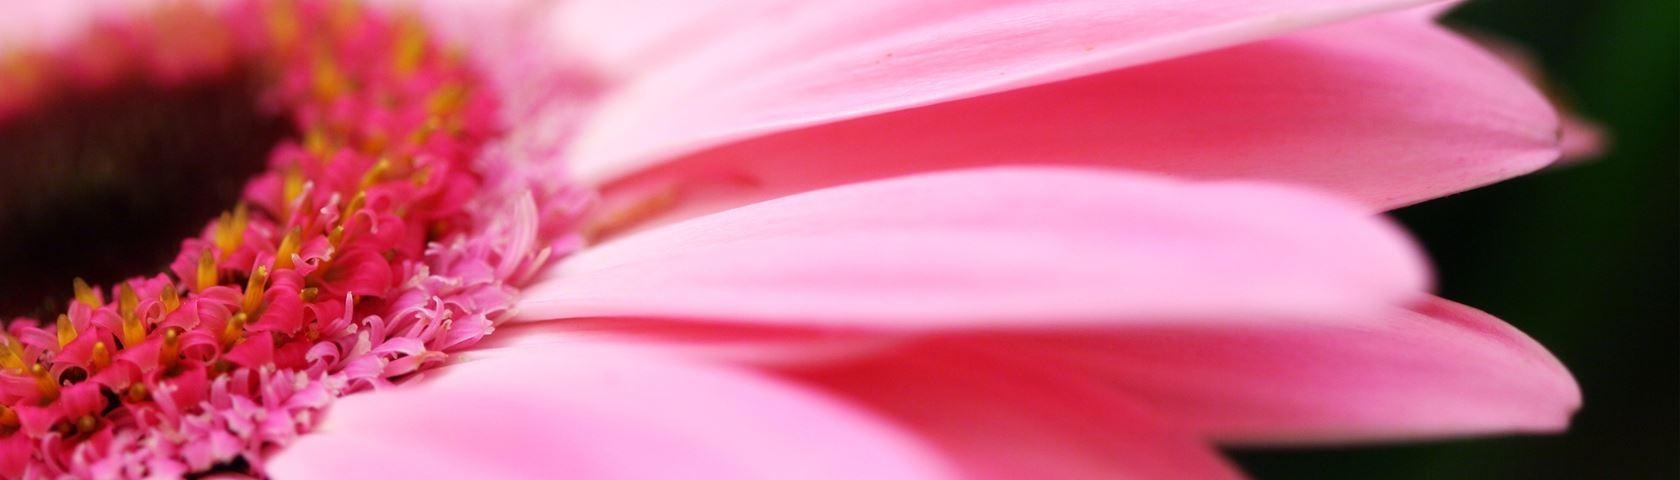 Light pink gerber daisy